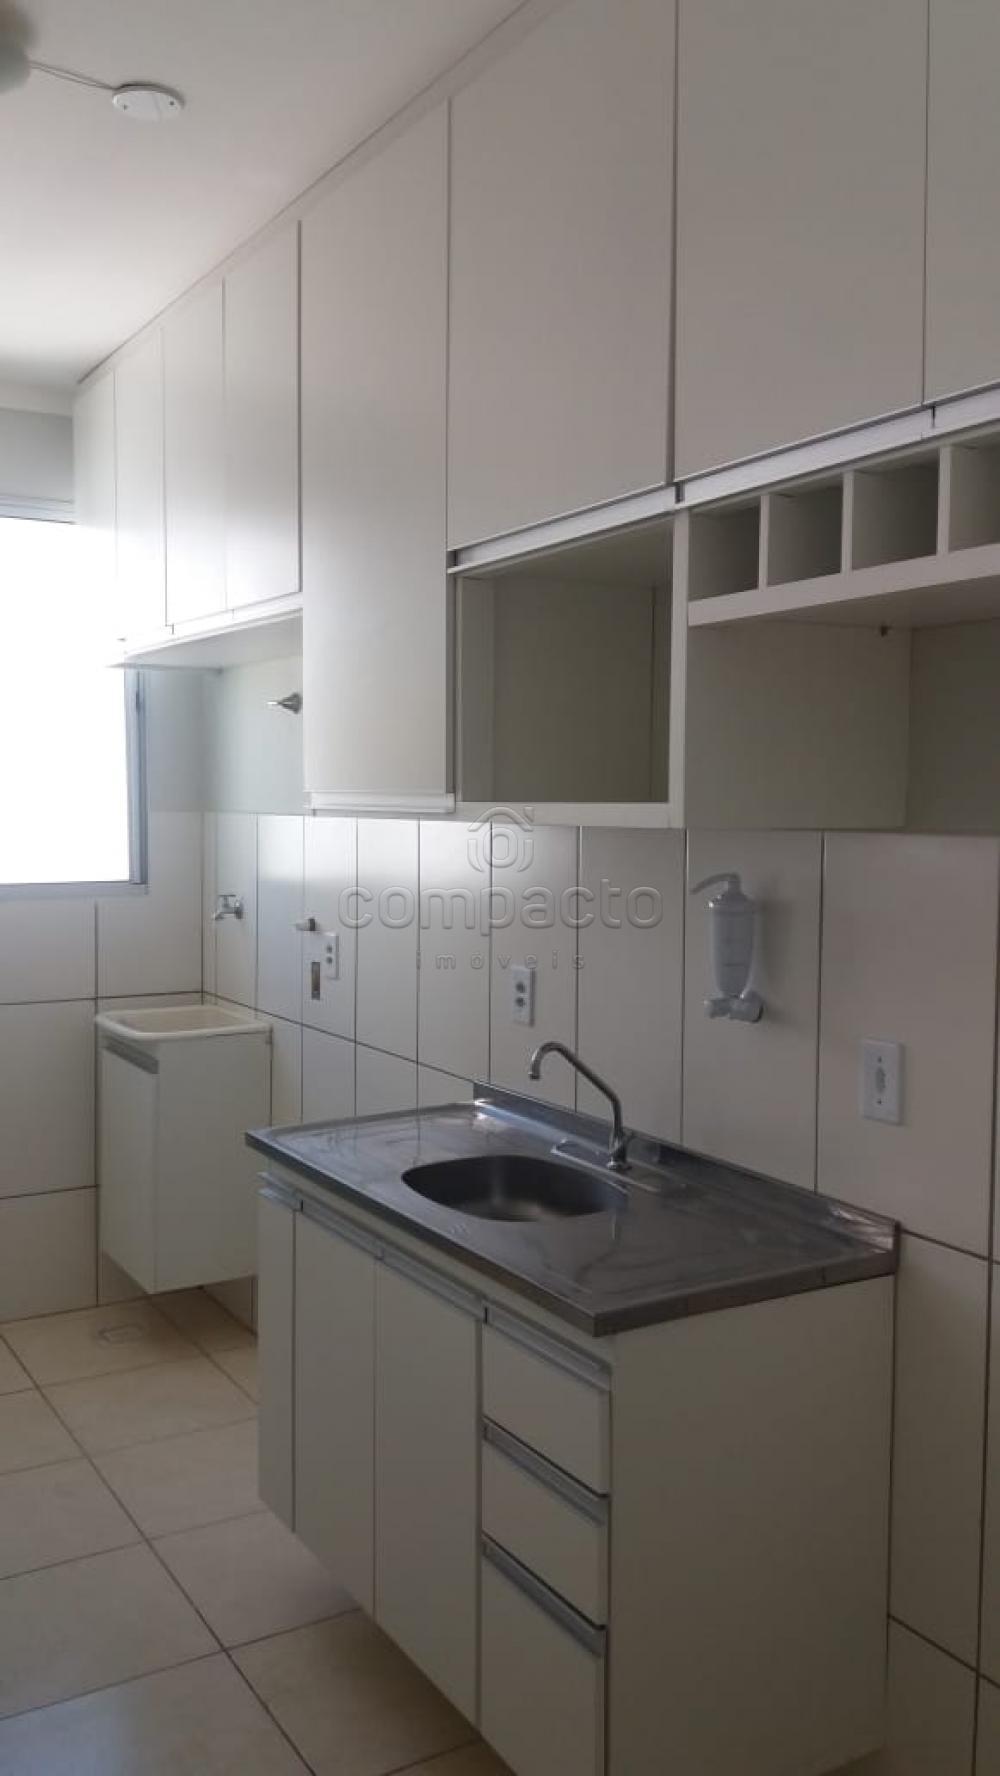 Alugar Apartamento / Padrão em São José do Rio Preto apenas R$ 720,00 - Foto 9